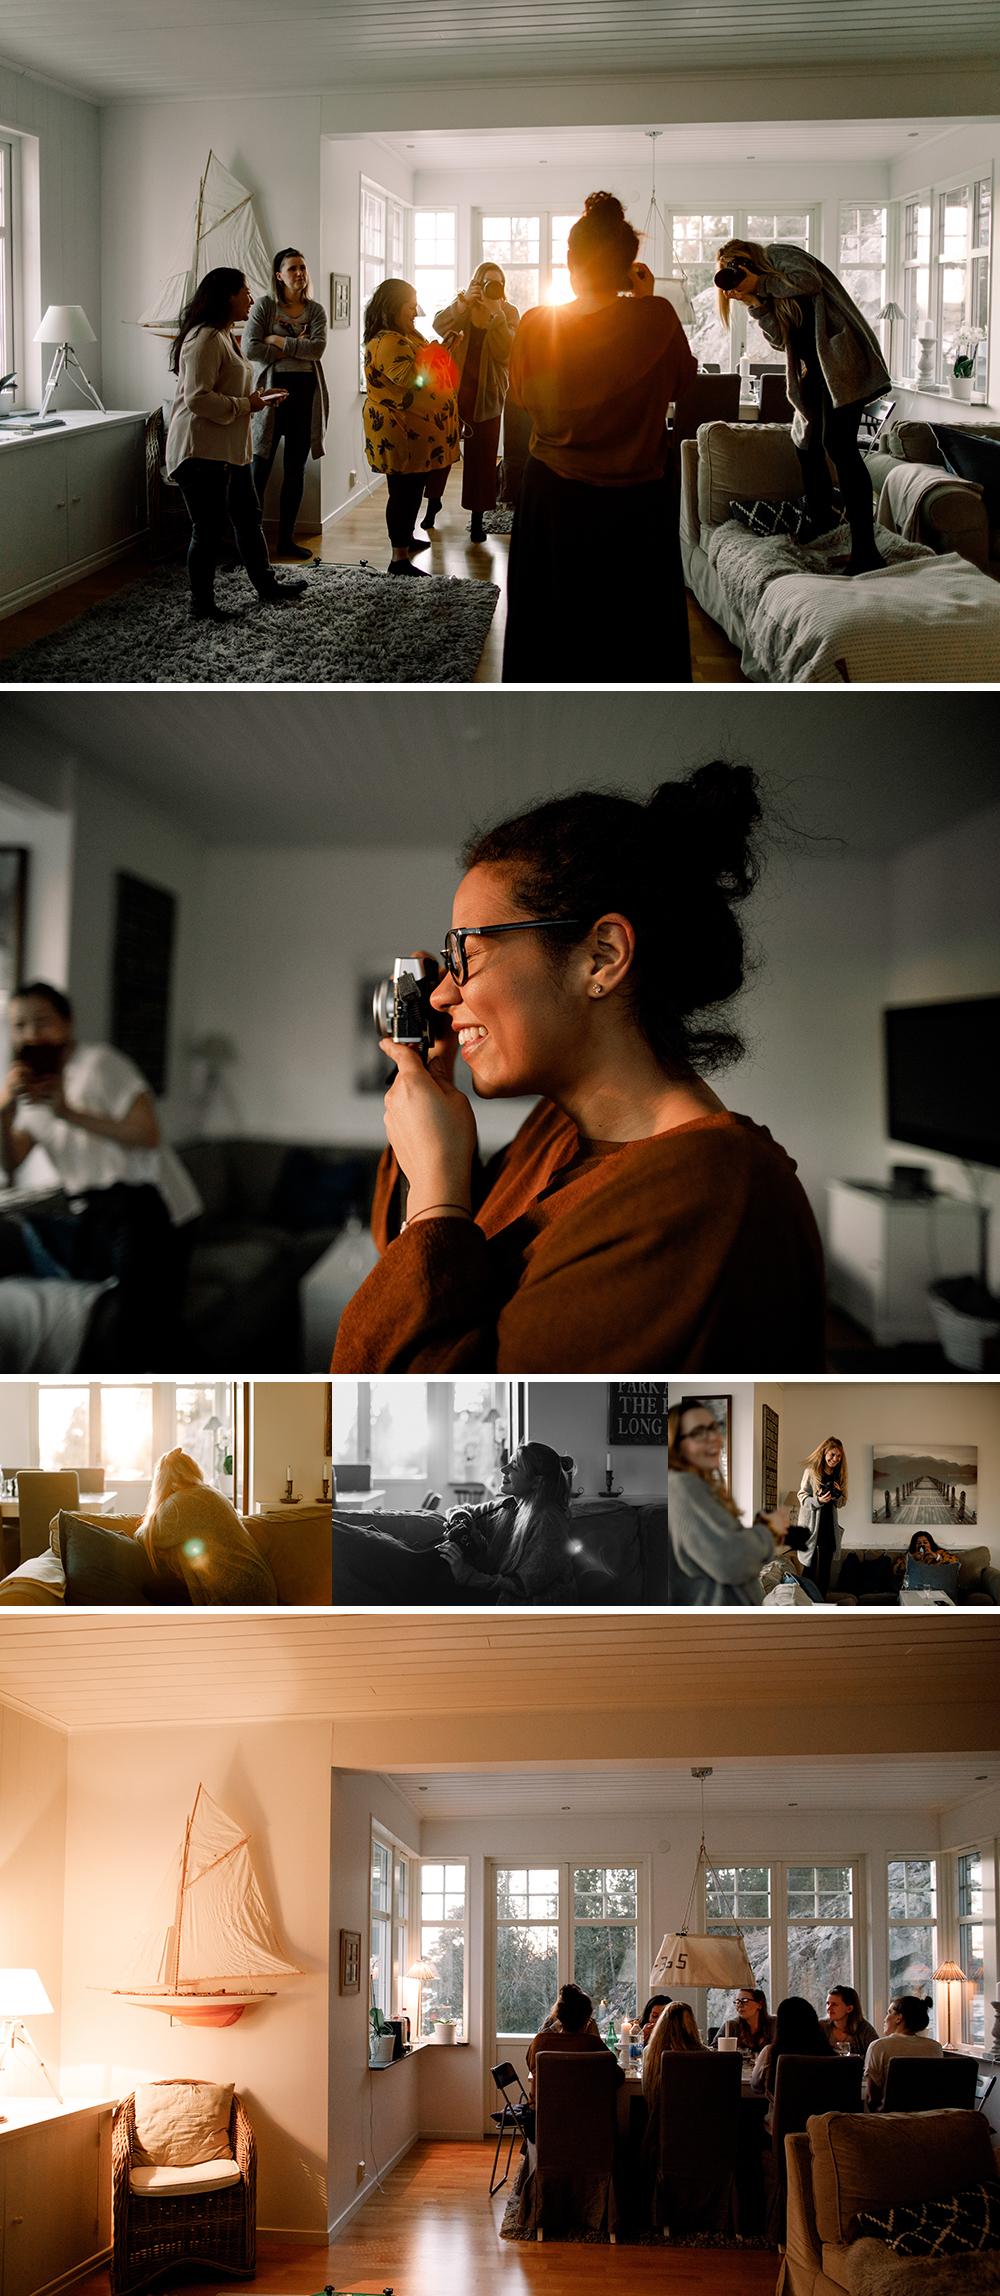 Familjefotograf_Stockholm_Anna-Sandstrom_Lifestyleworkshop.jpg